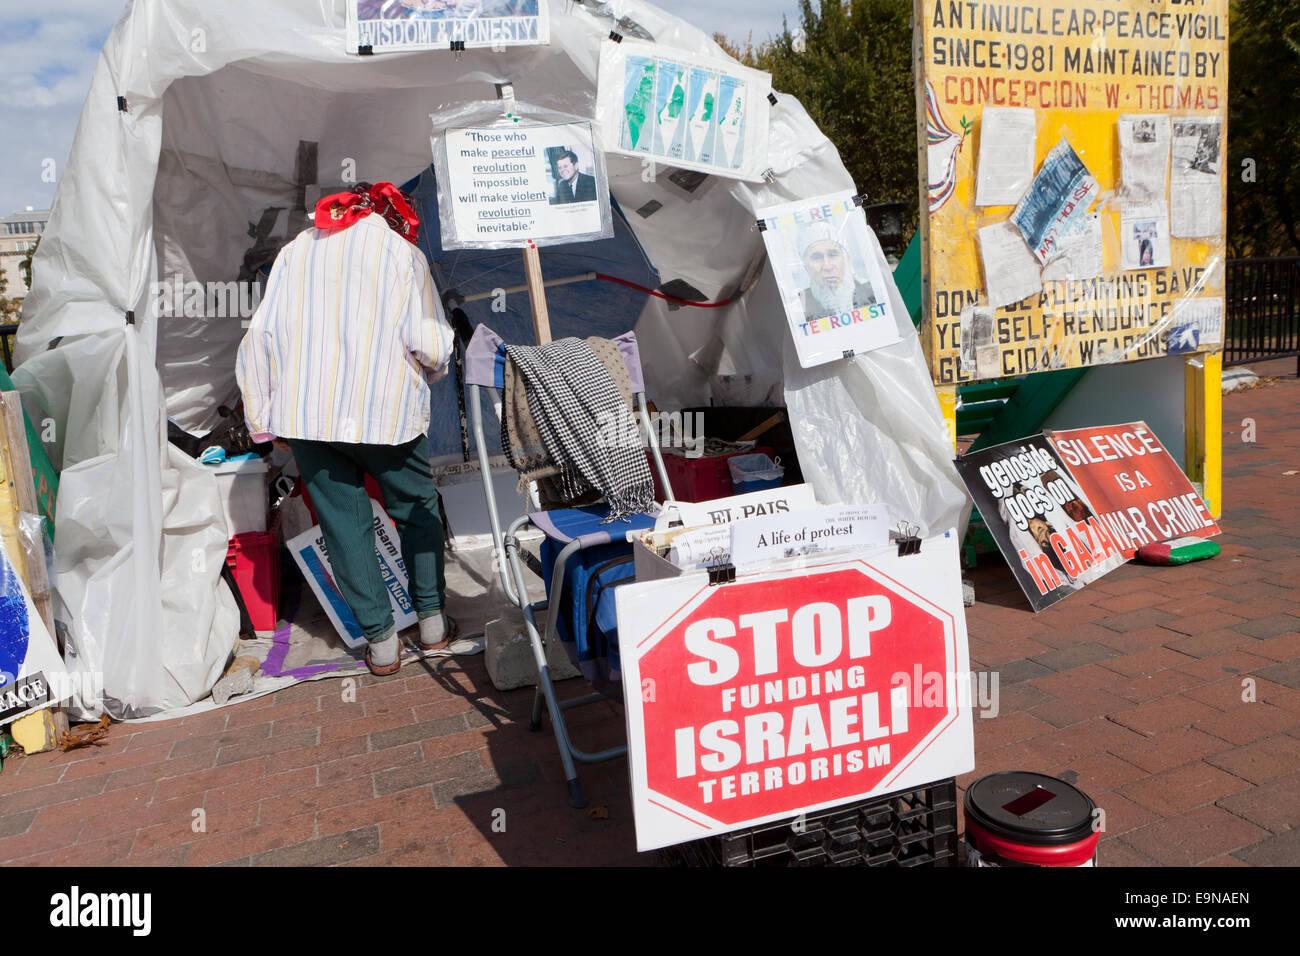 Concepcion Picciotto, Friedensaktivistin - Washington, DC USA Stockbild